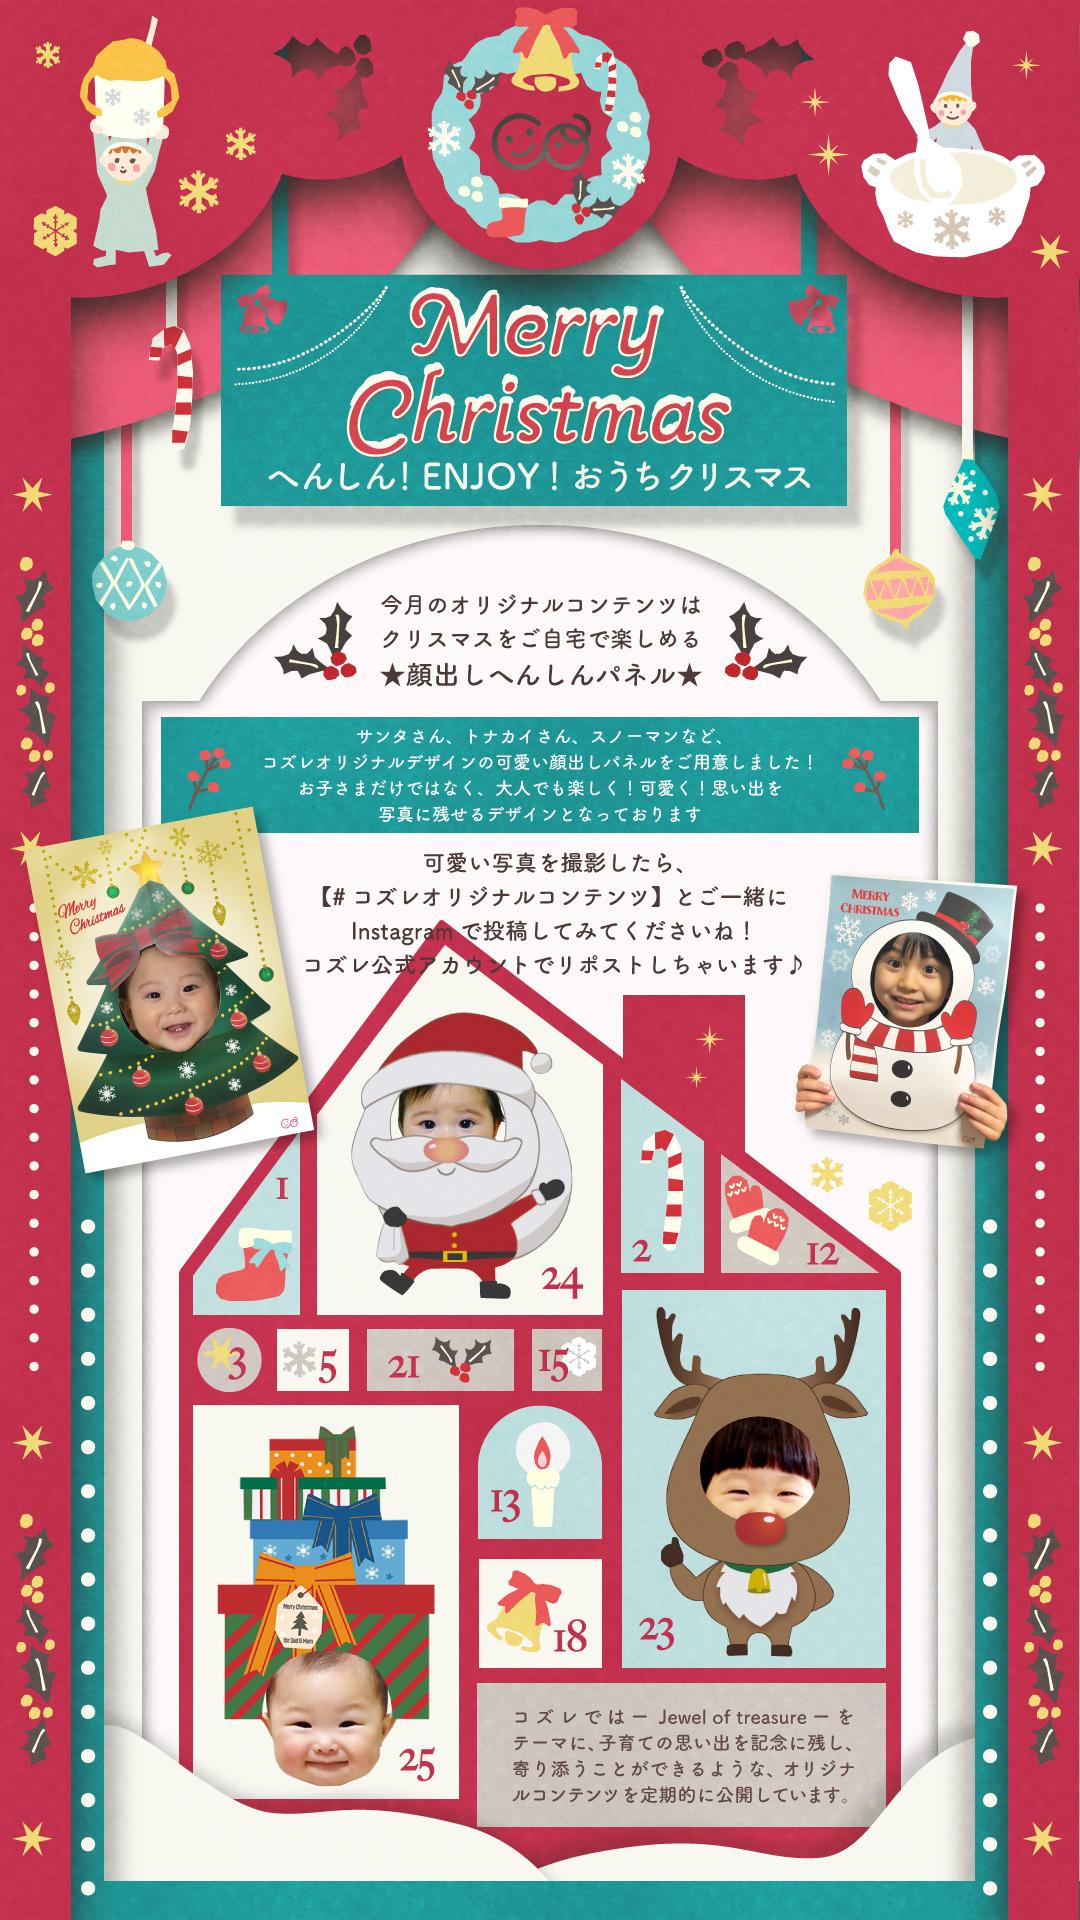 【全員にプレゼント】へんしん!ENJOY!おうちでクリスマス!コズレオリジナル顔出しパネル